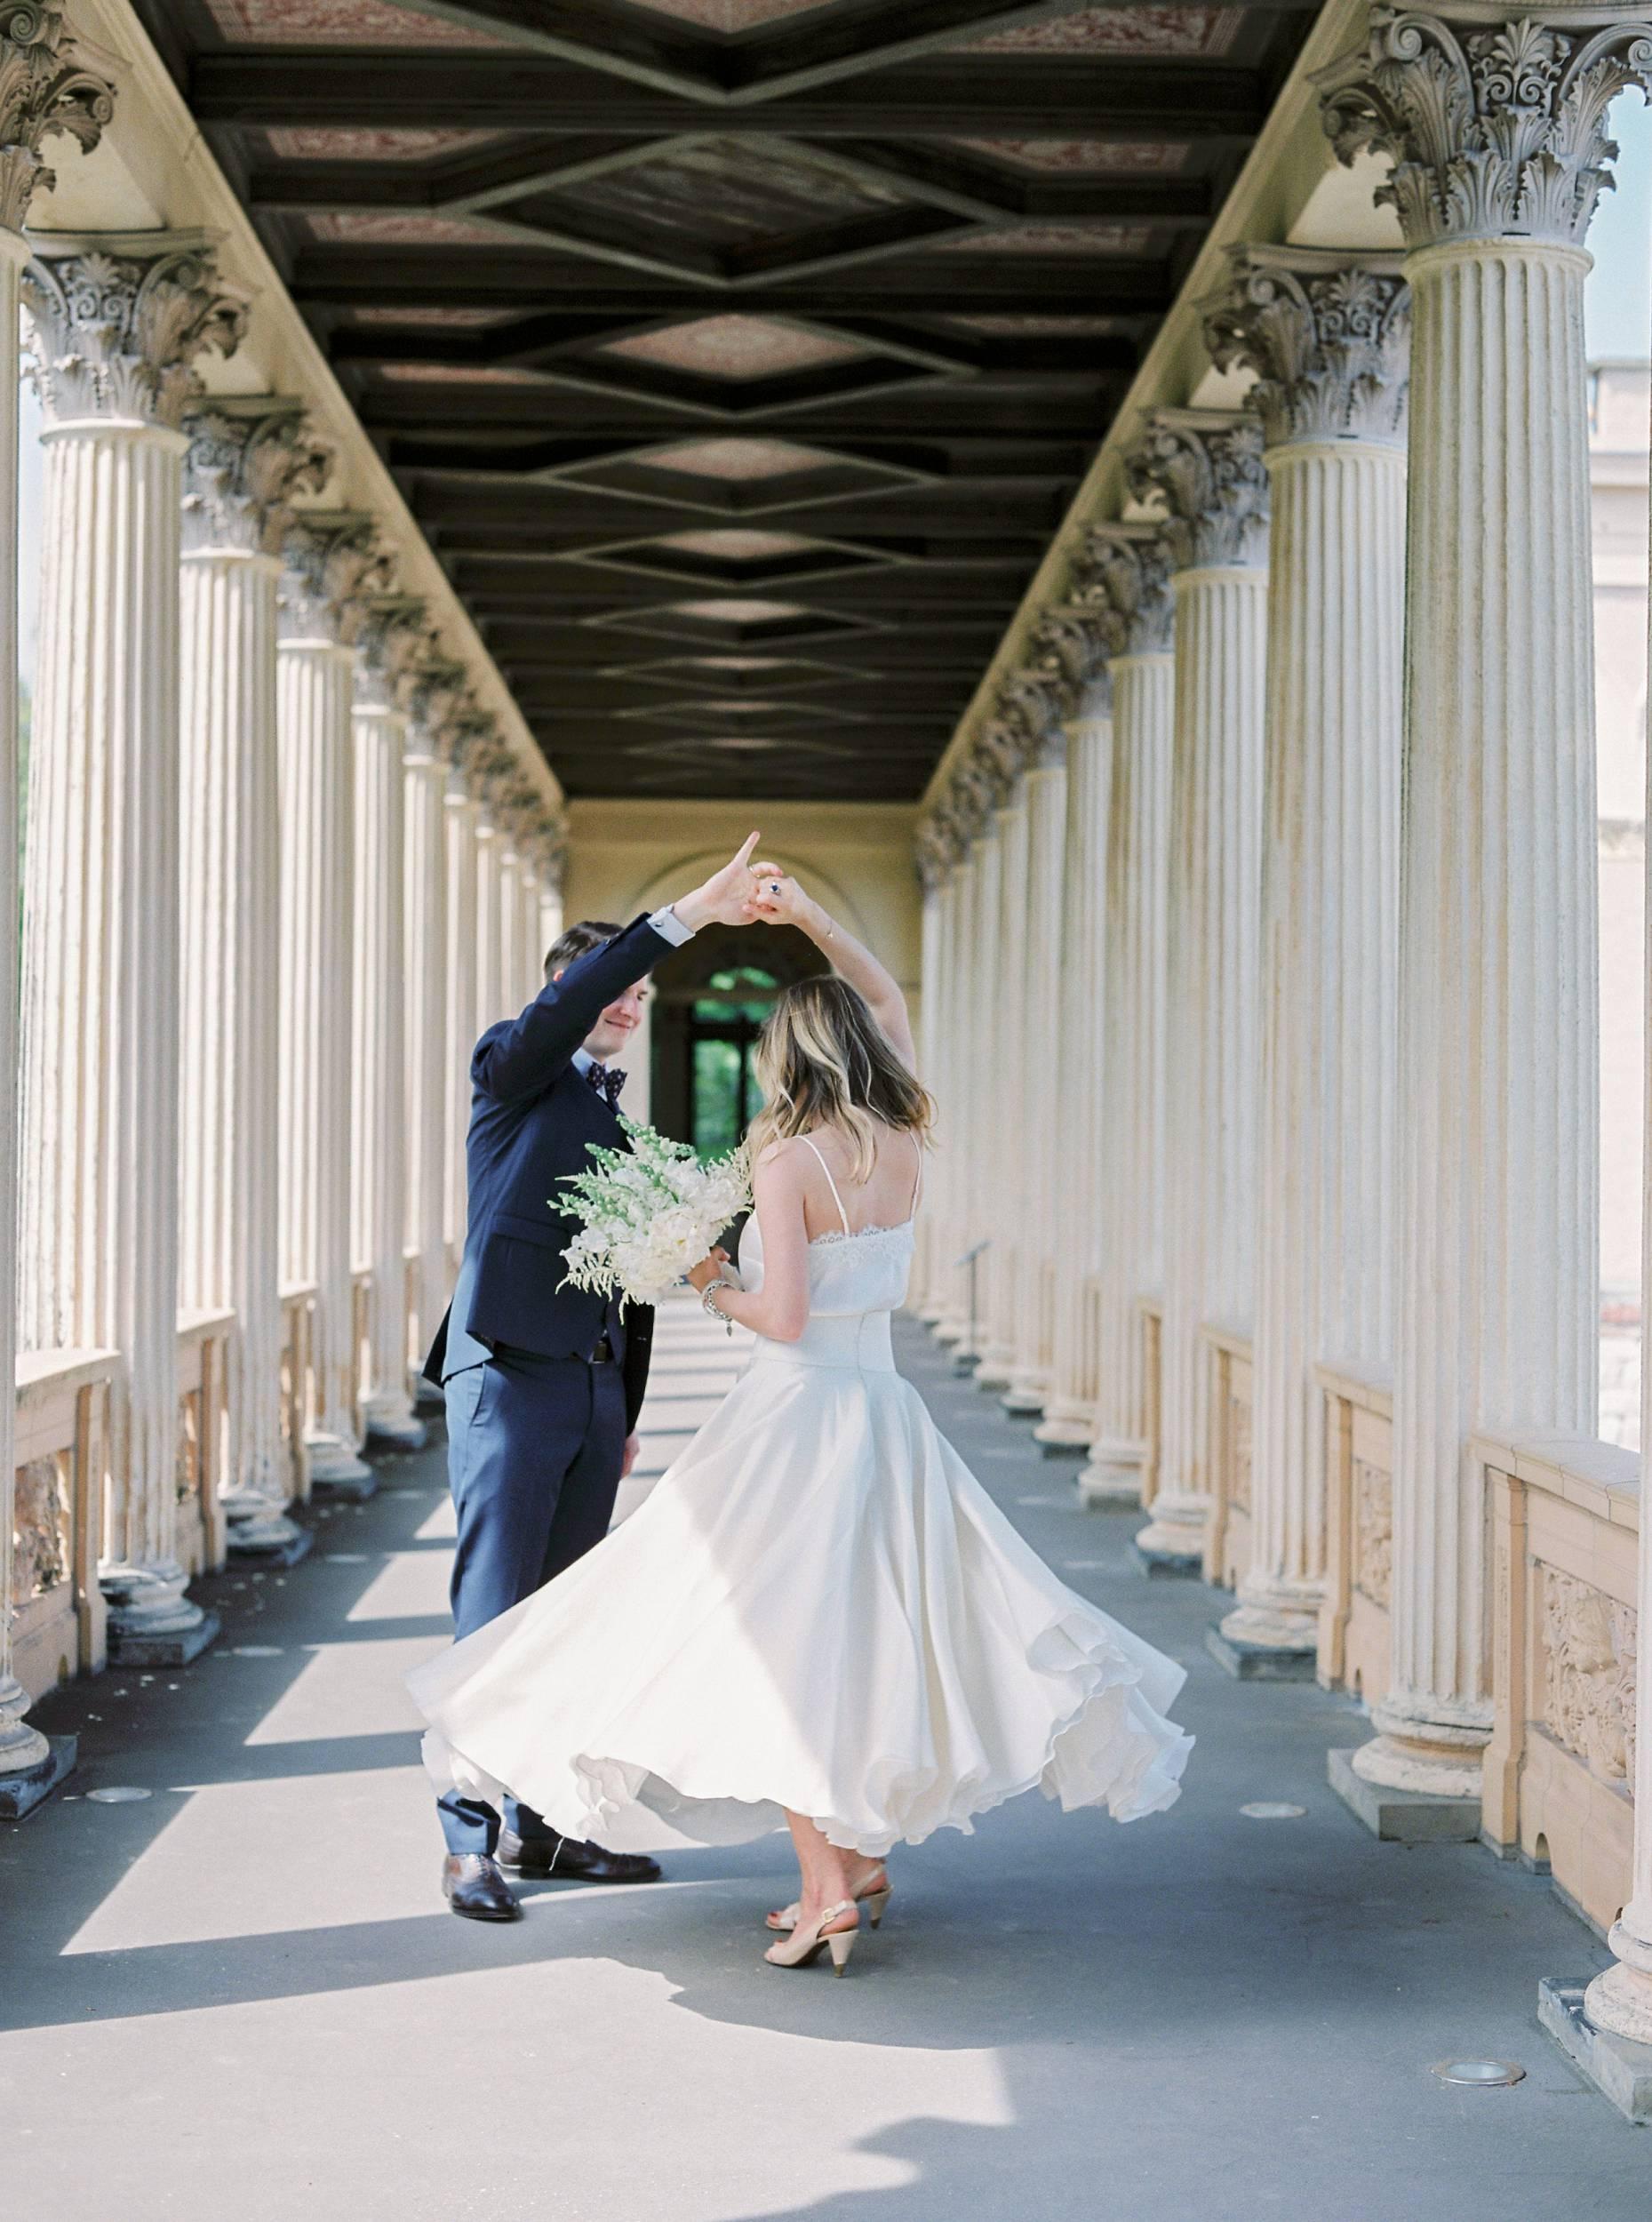 kaviar gauche wedding dress dance happy brautkleid